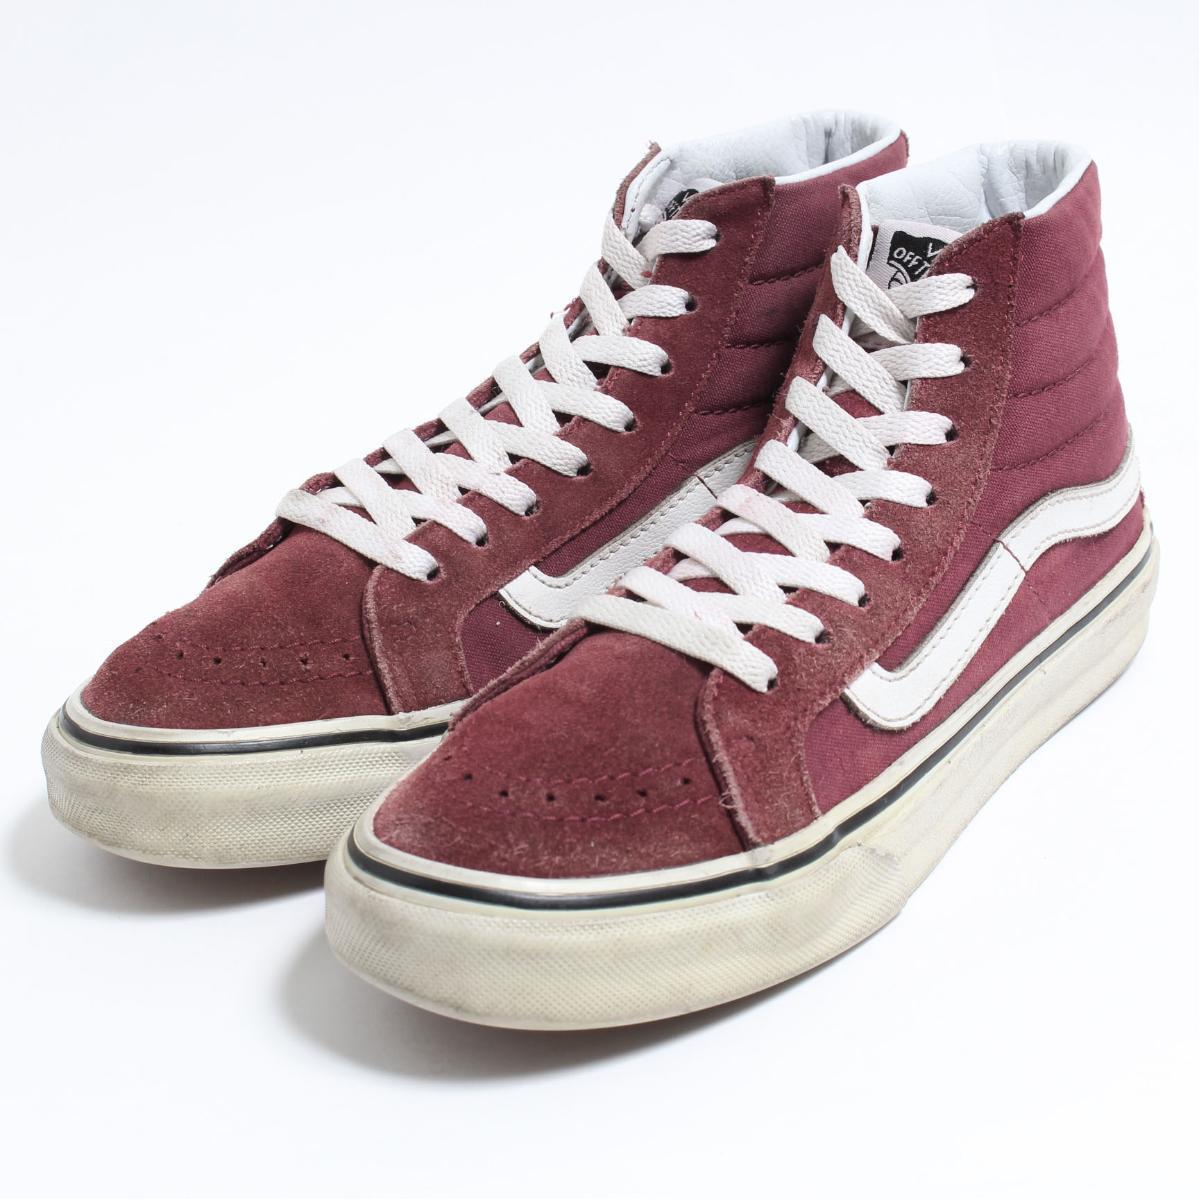 6eb7431de1 VINTAGE CLOTHING JAM  Vans VANS SK8-HI high-top sneakers US4.5 ...